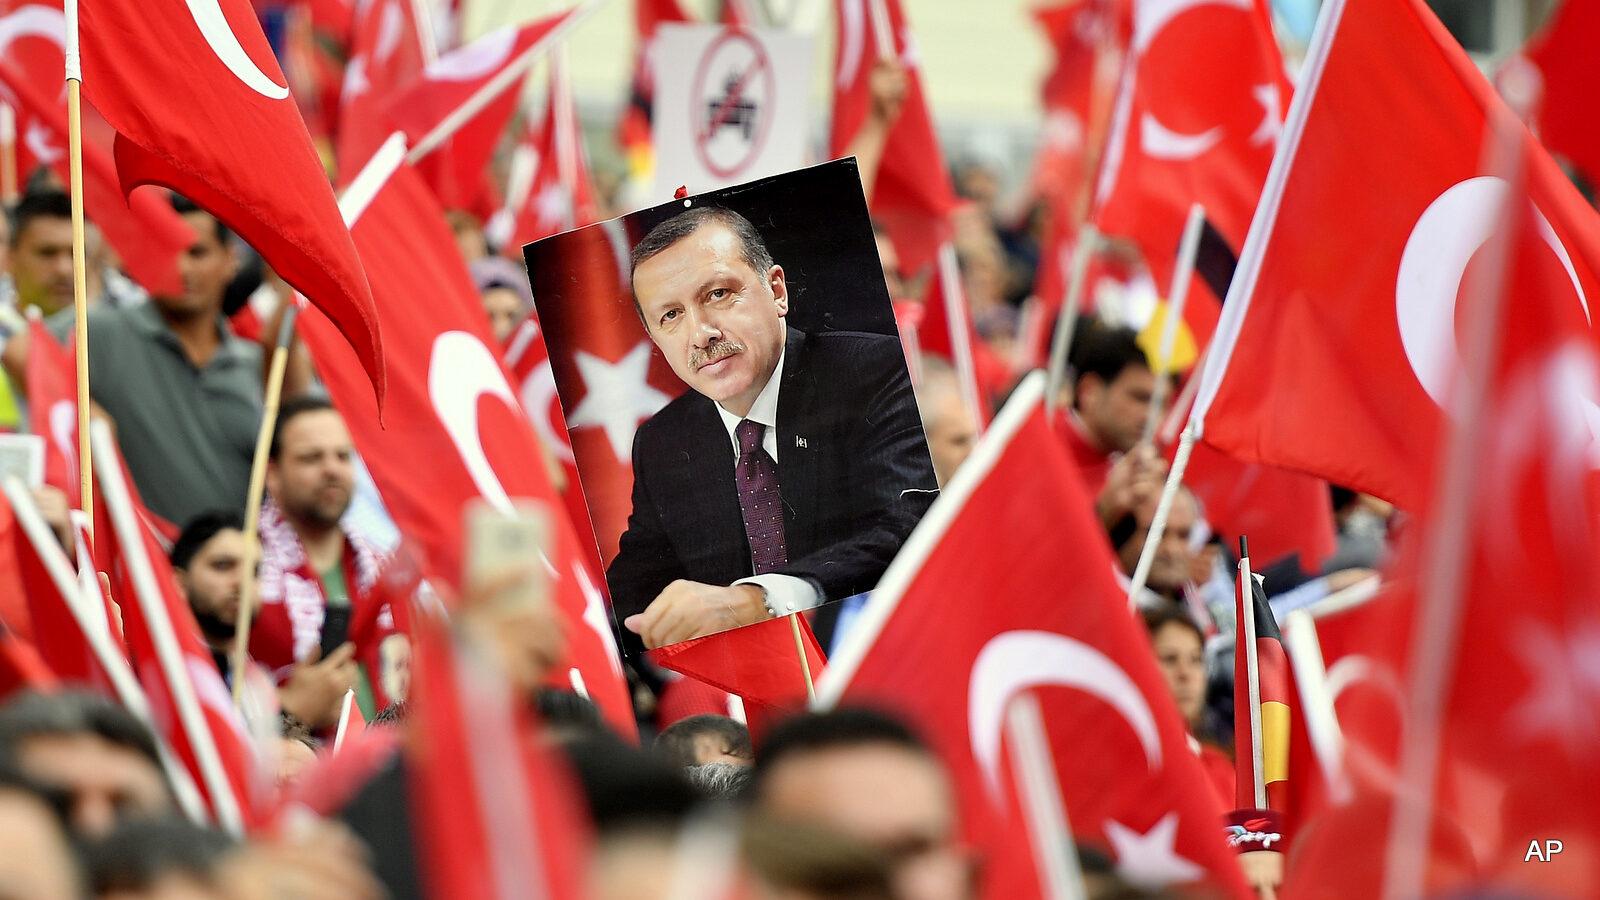 Hasil gambar untuk erdogan win the election